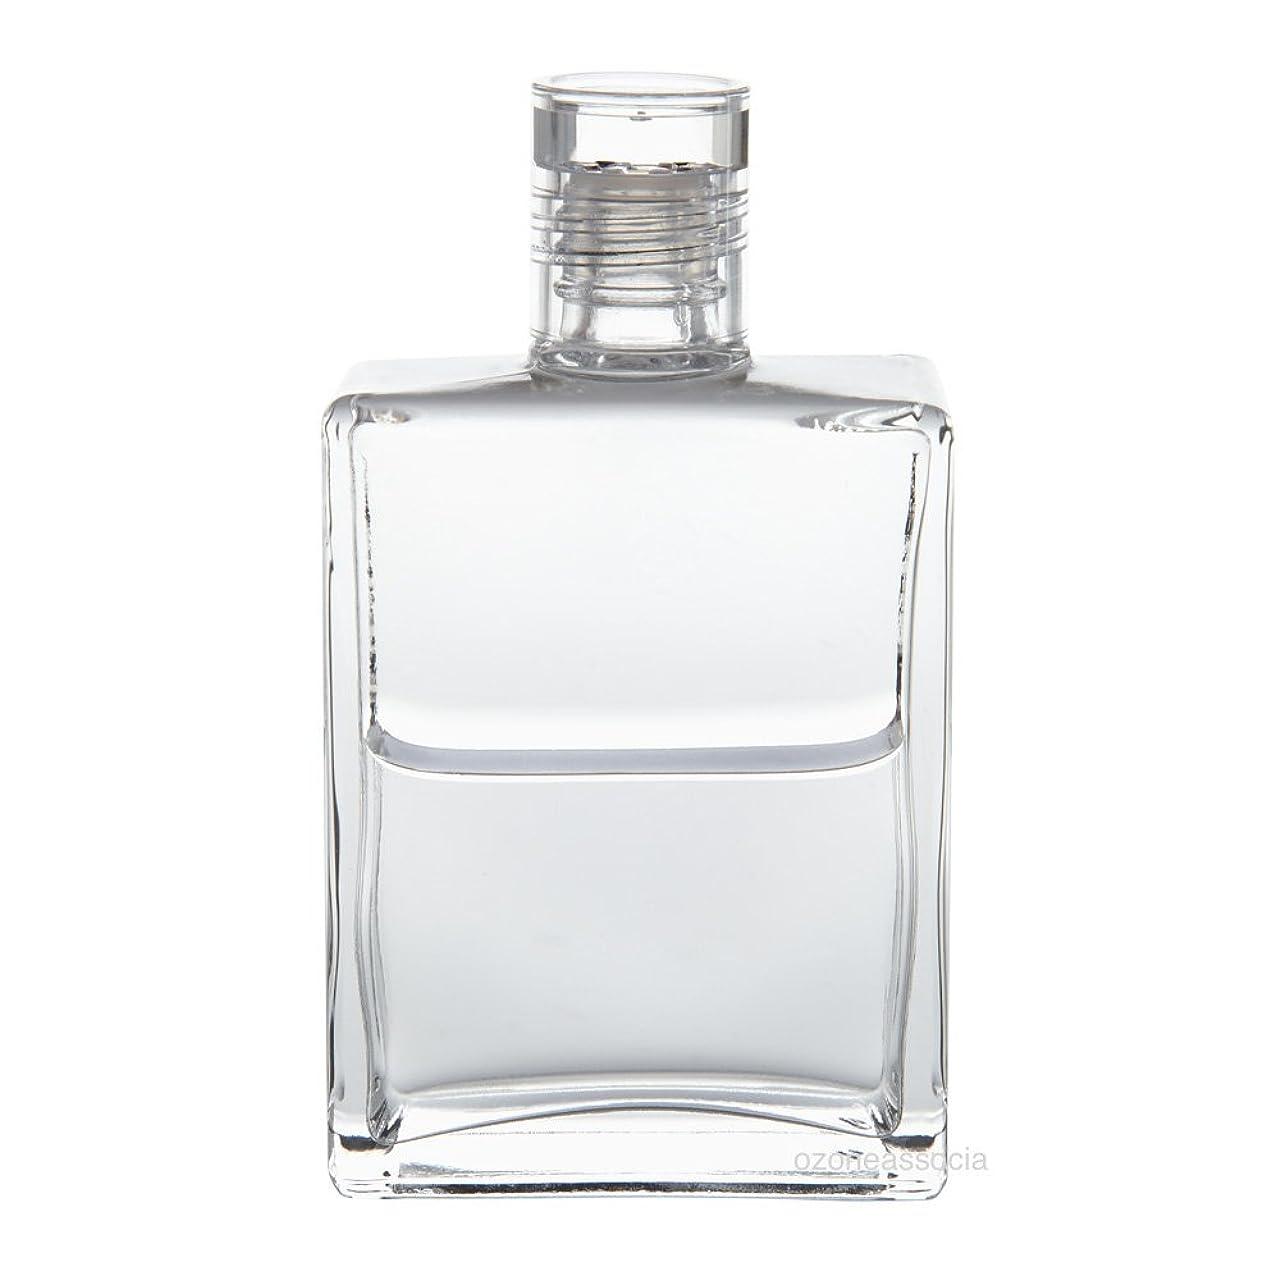 預言者キャリッジ非武装化オーラソーマ ボトル 54番  セラピスベイ (クリアー/クリアー) イクイリブリアムボトル50ml Aurasoma